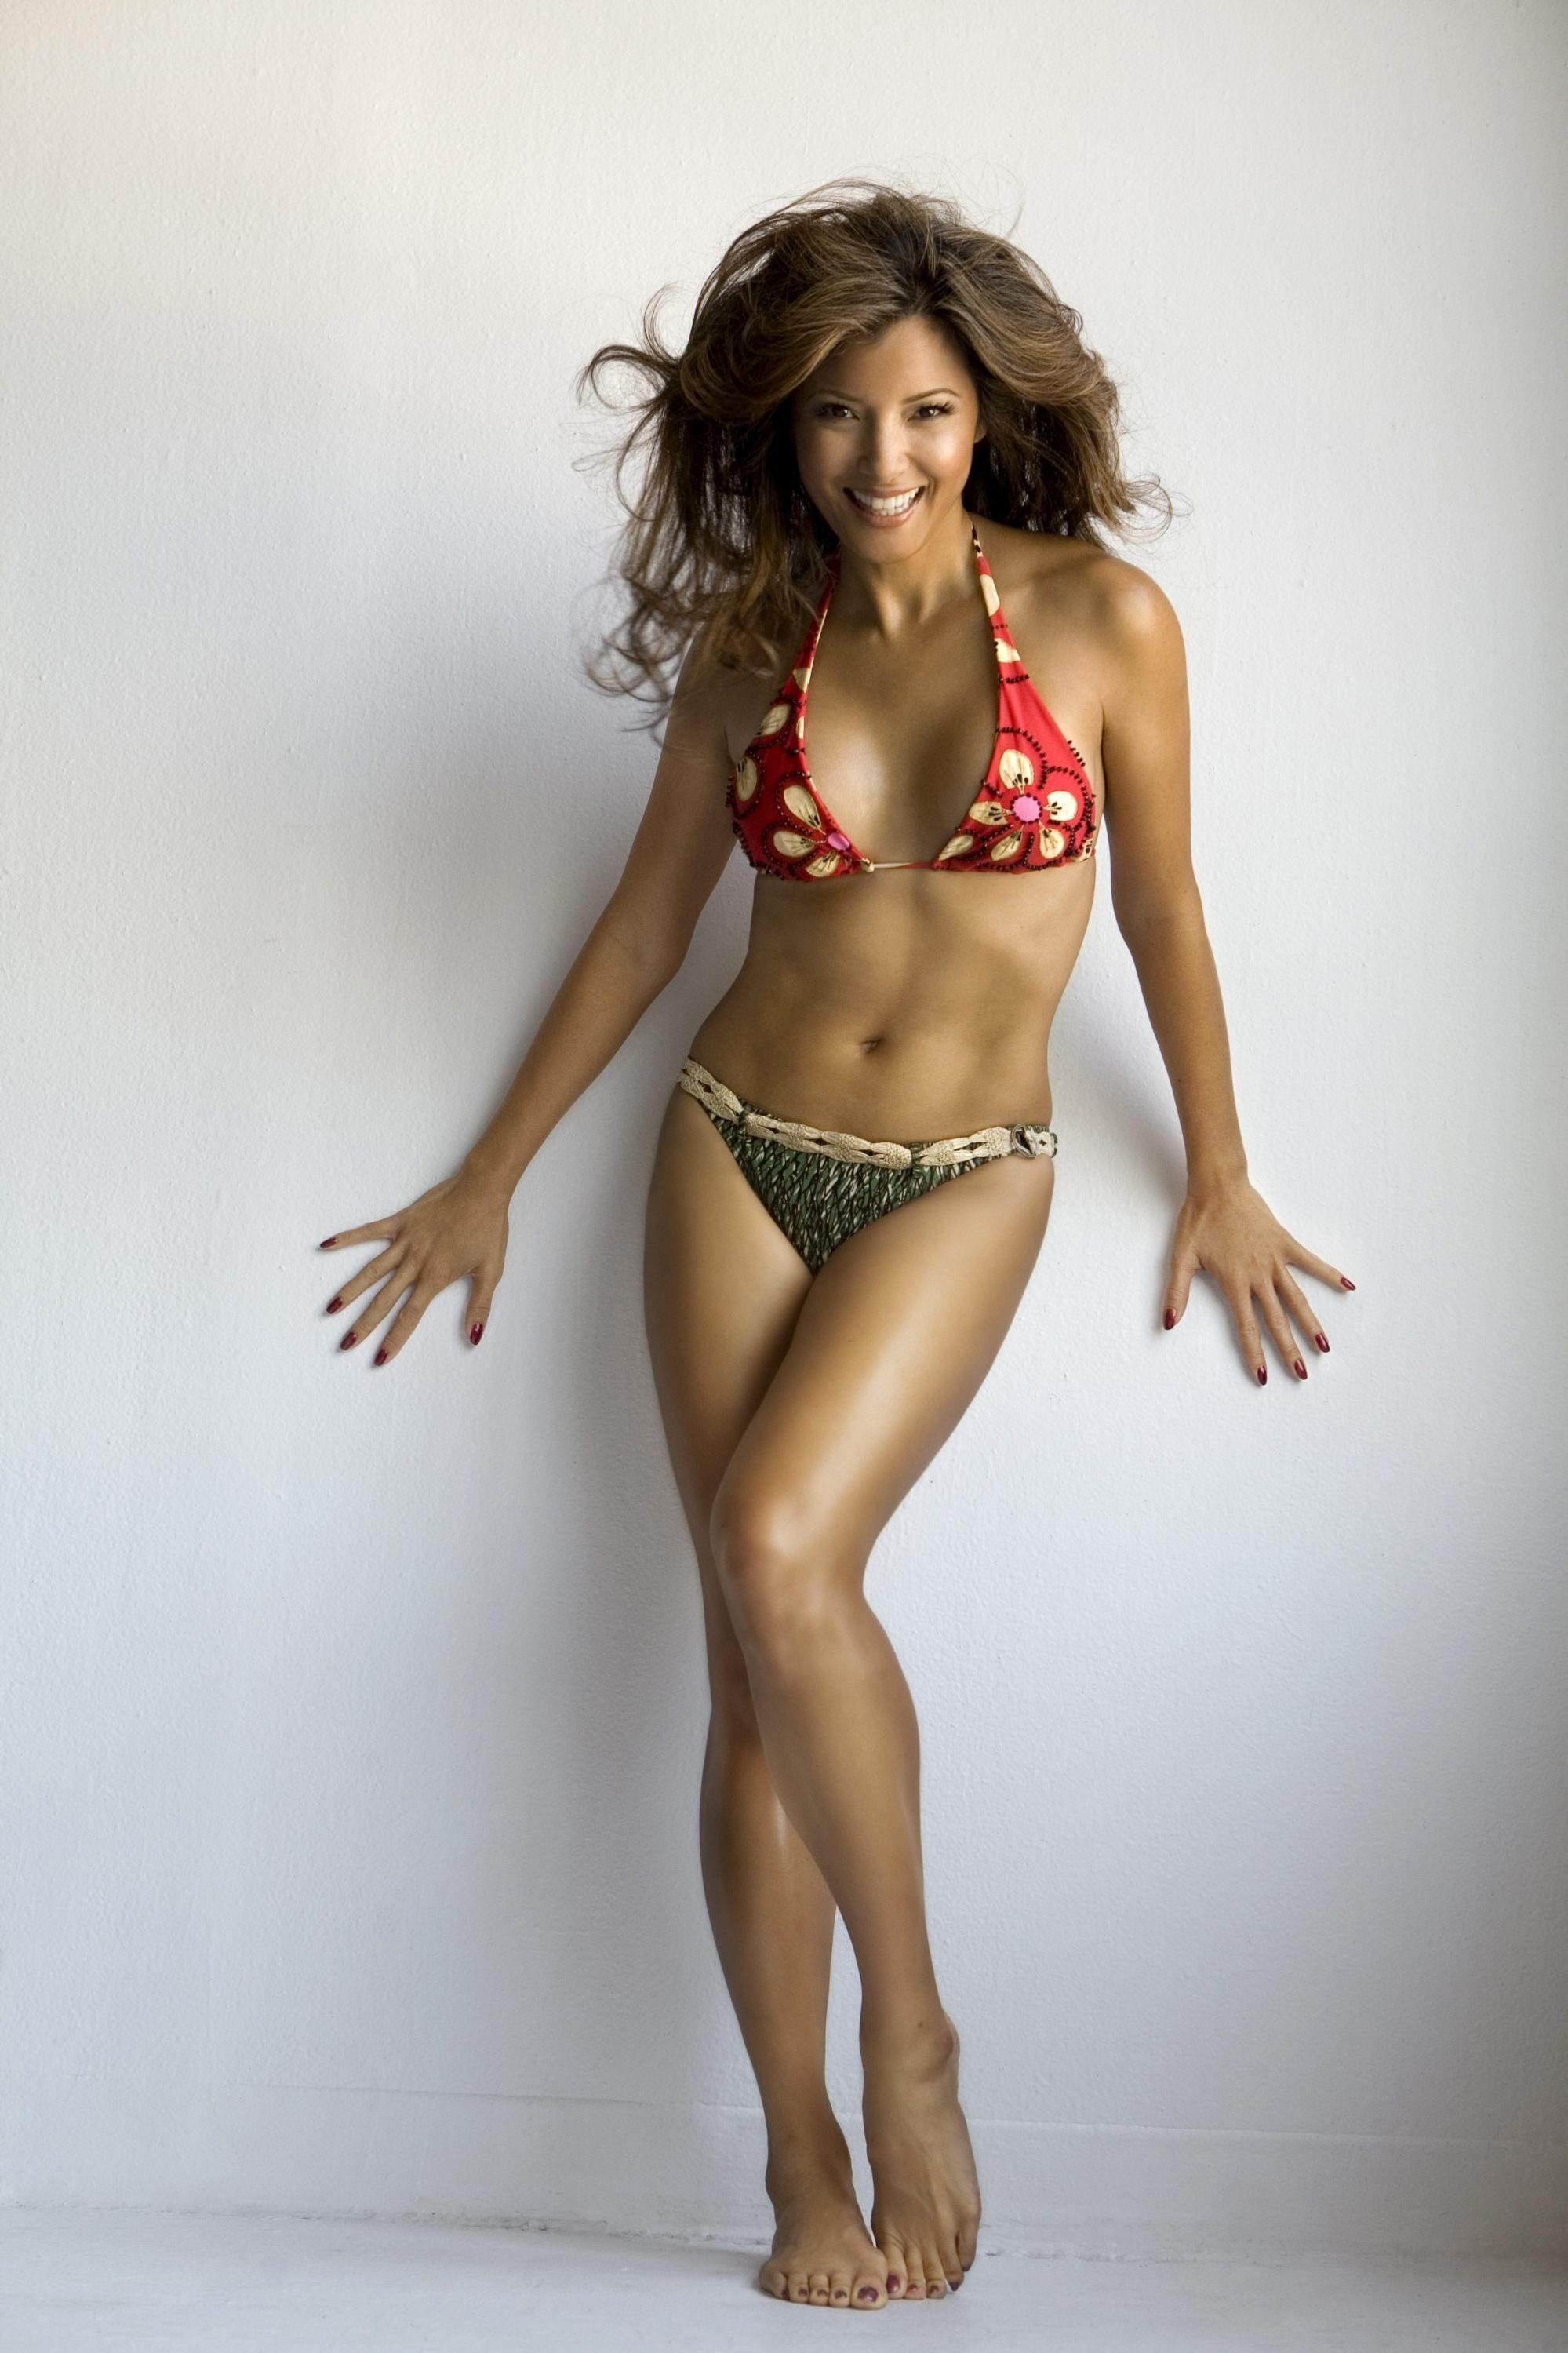 Bikini Kelly Hu nudes (38 photo), Topless, Is a cute, Selfie, underwear 2006